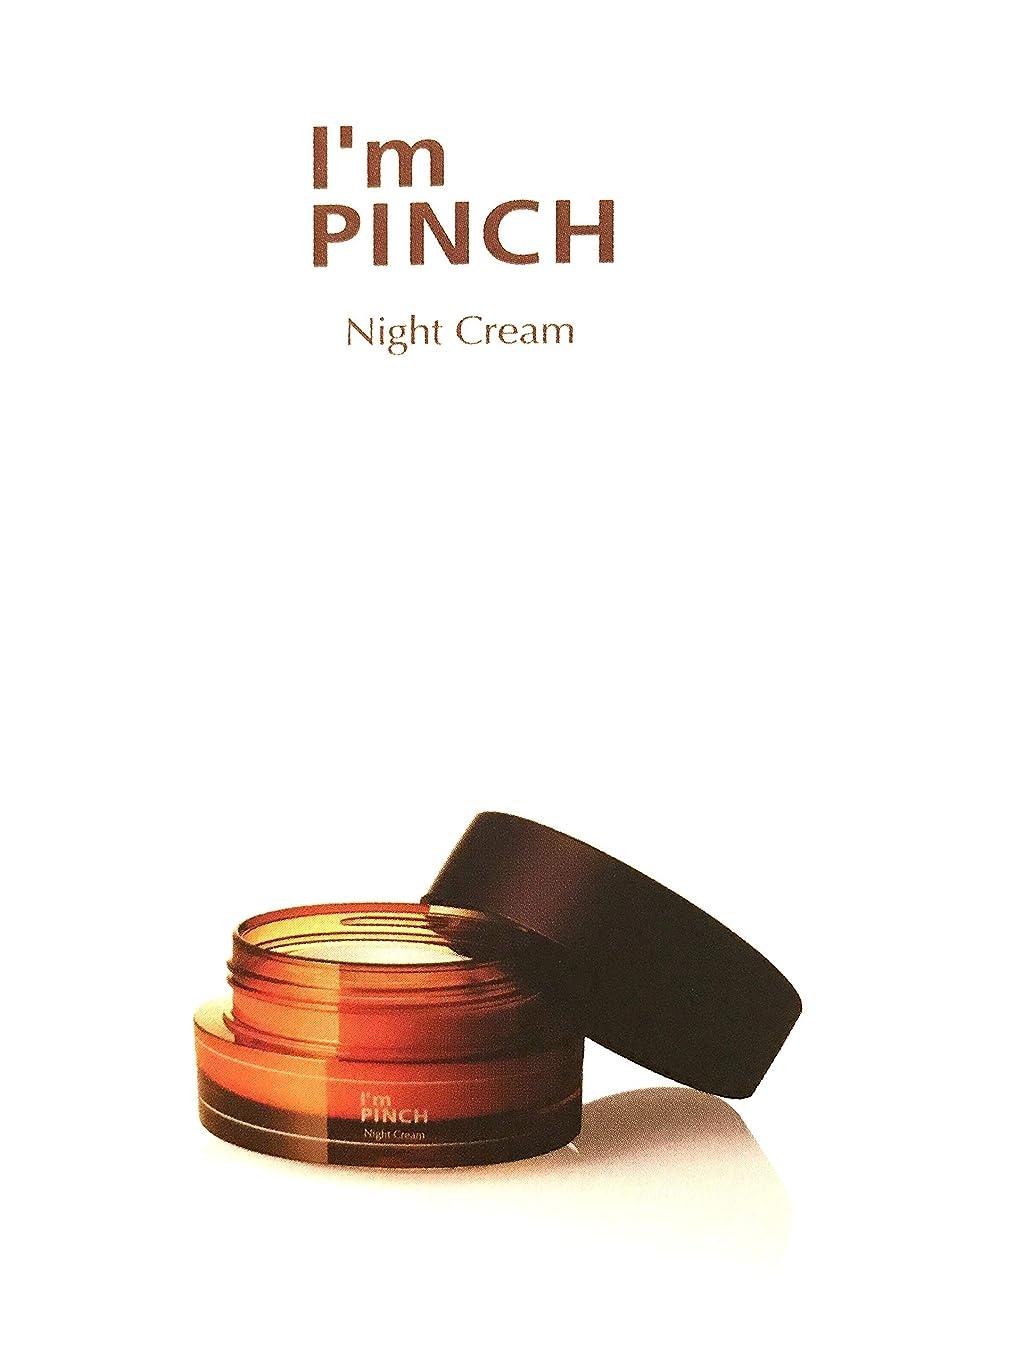 情熱チロなぜI'm pinch アイムピンチ ナイトクリーム (夜用クリーム) 30g